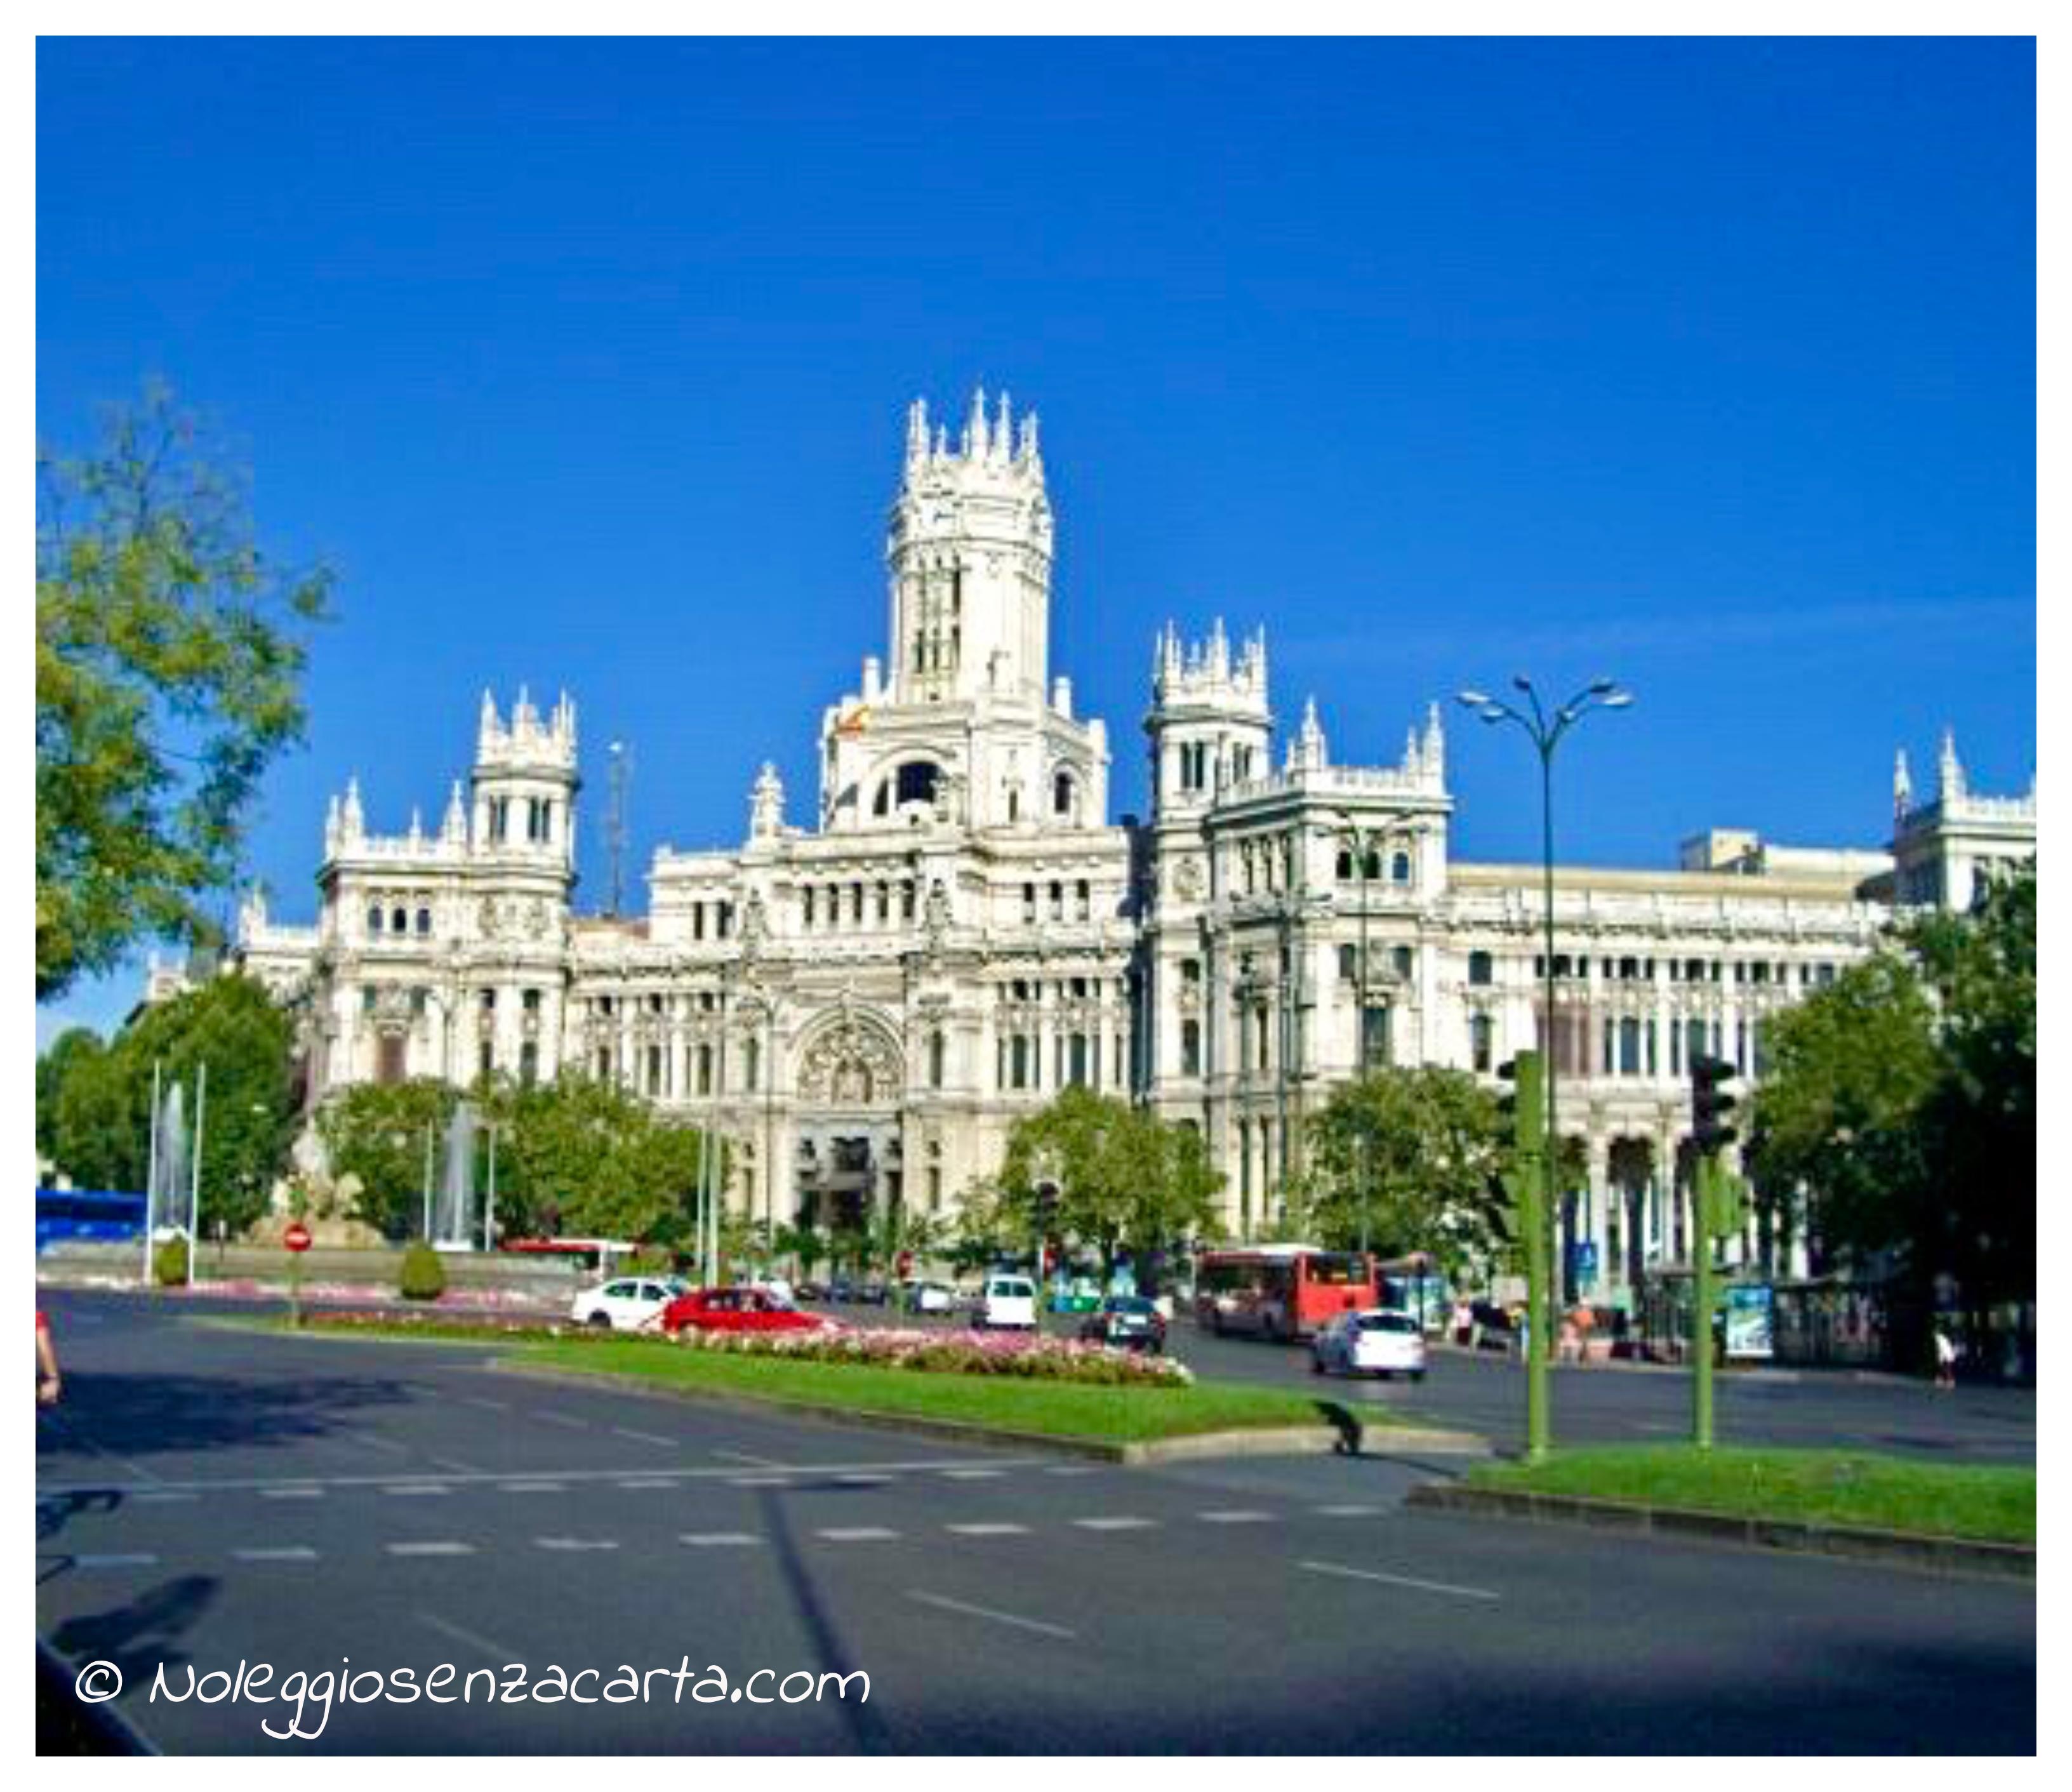 Noleggiare auto senza carta di credito a Madrid